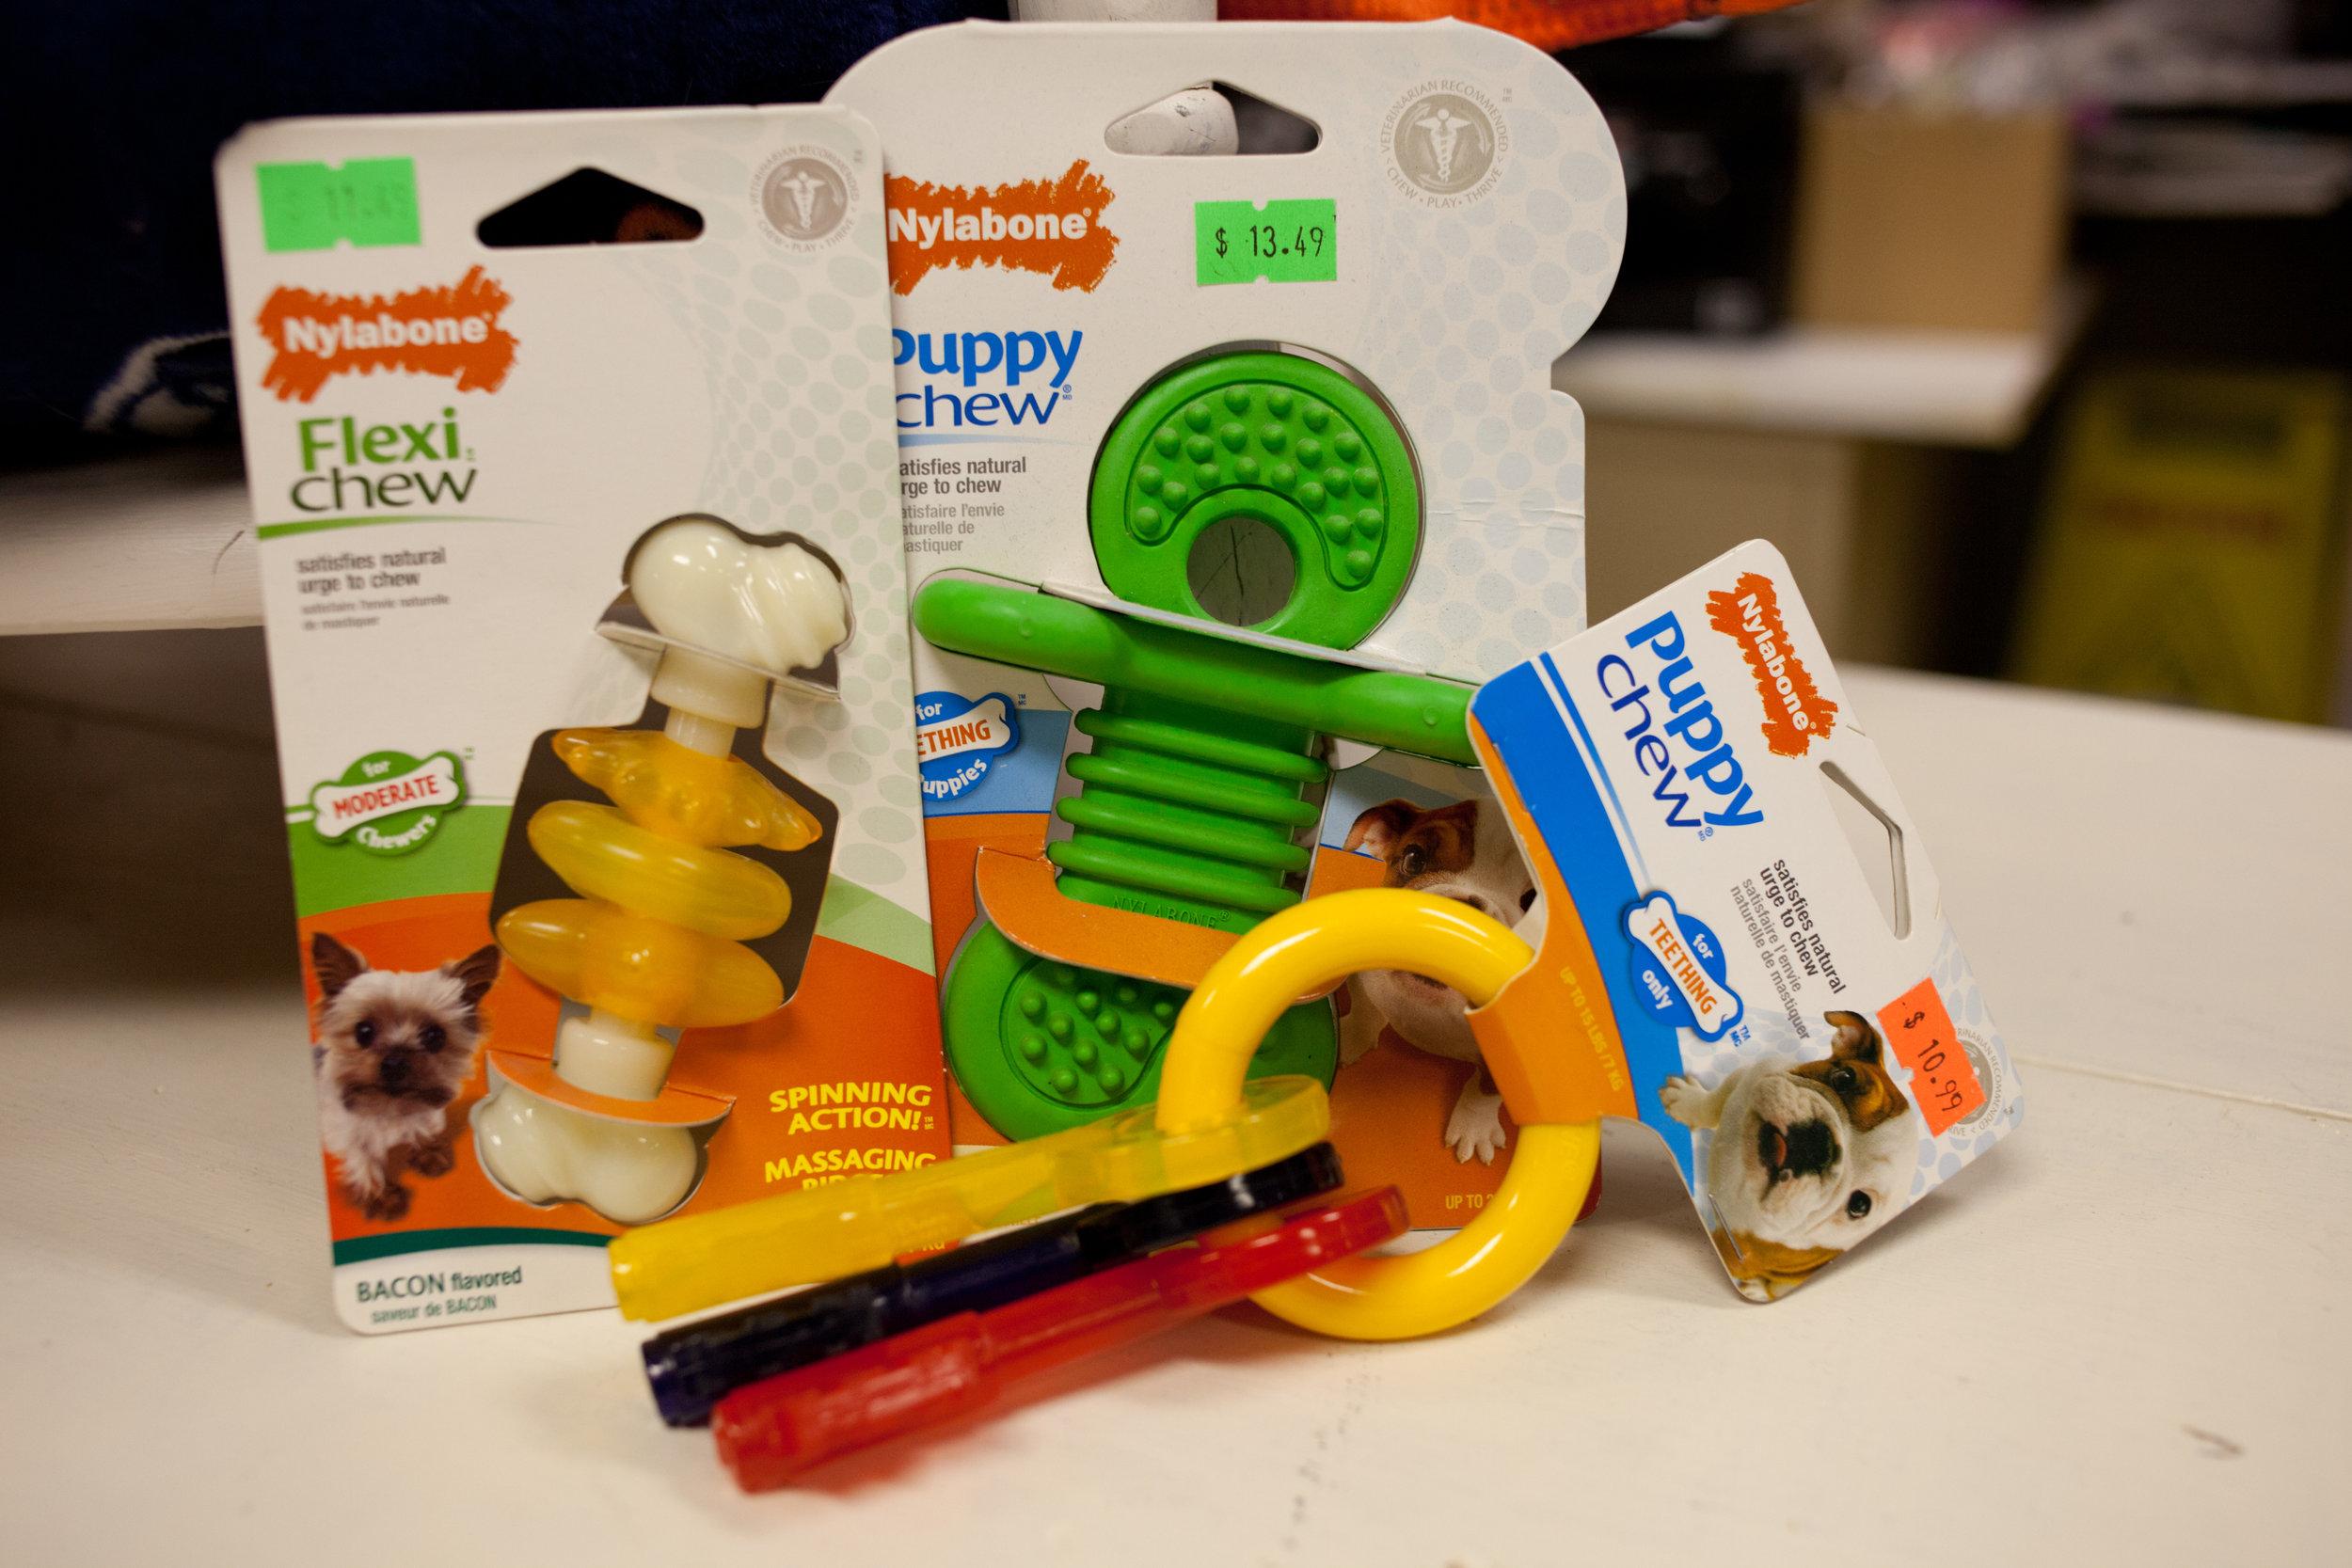 nylabone puppy toys.jpg